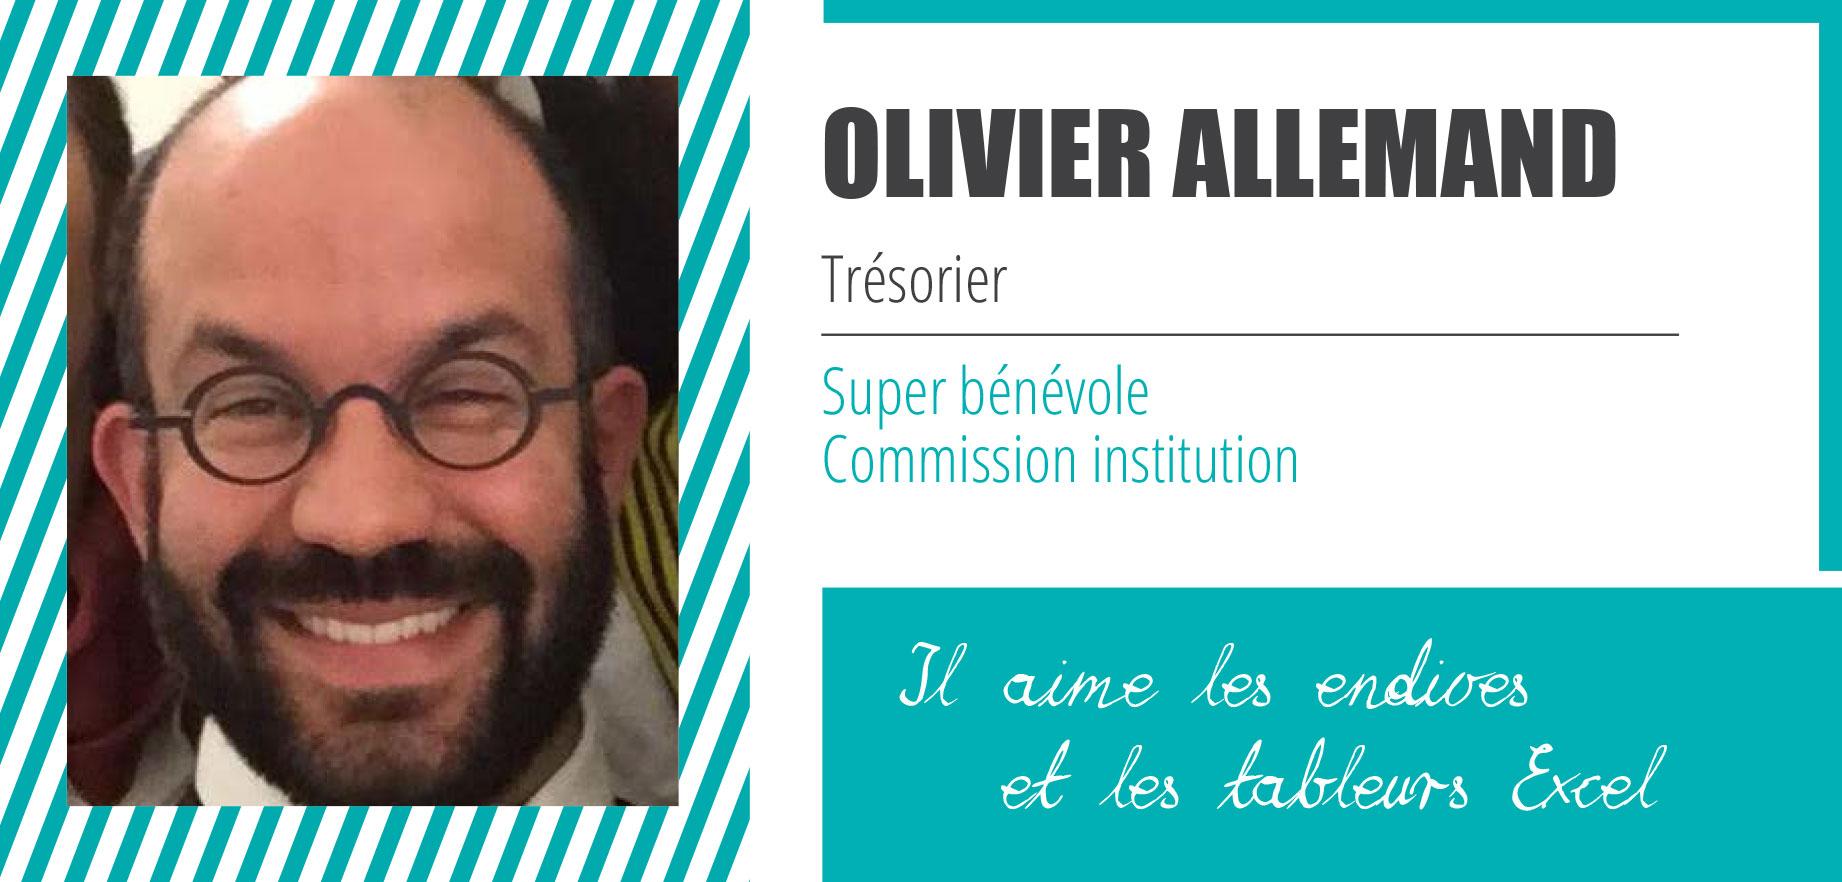 Organigramme_Olivier